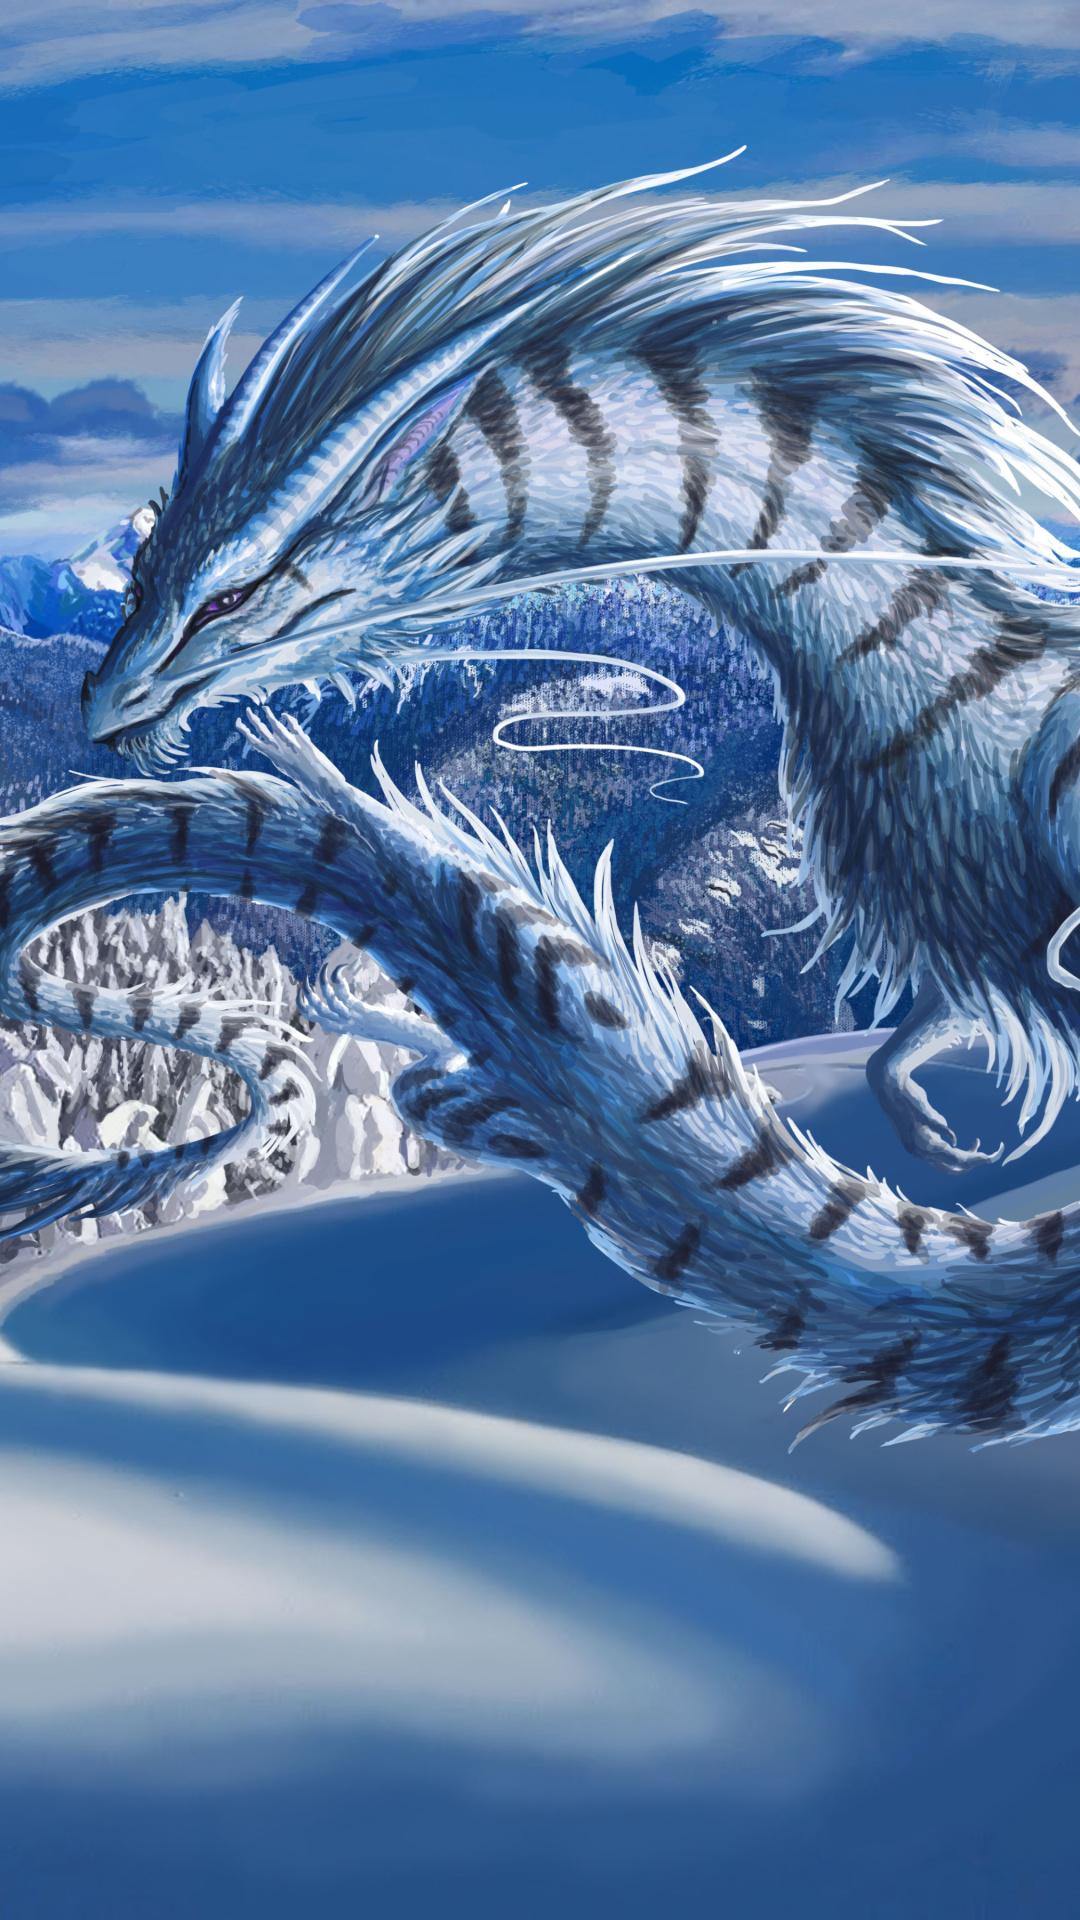 пользуюсь, снимаю картинки смартфон драконы корабли зачастую описывают